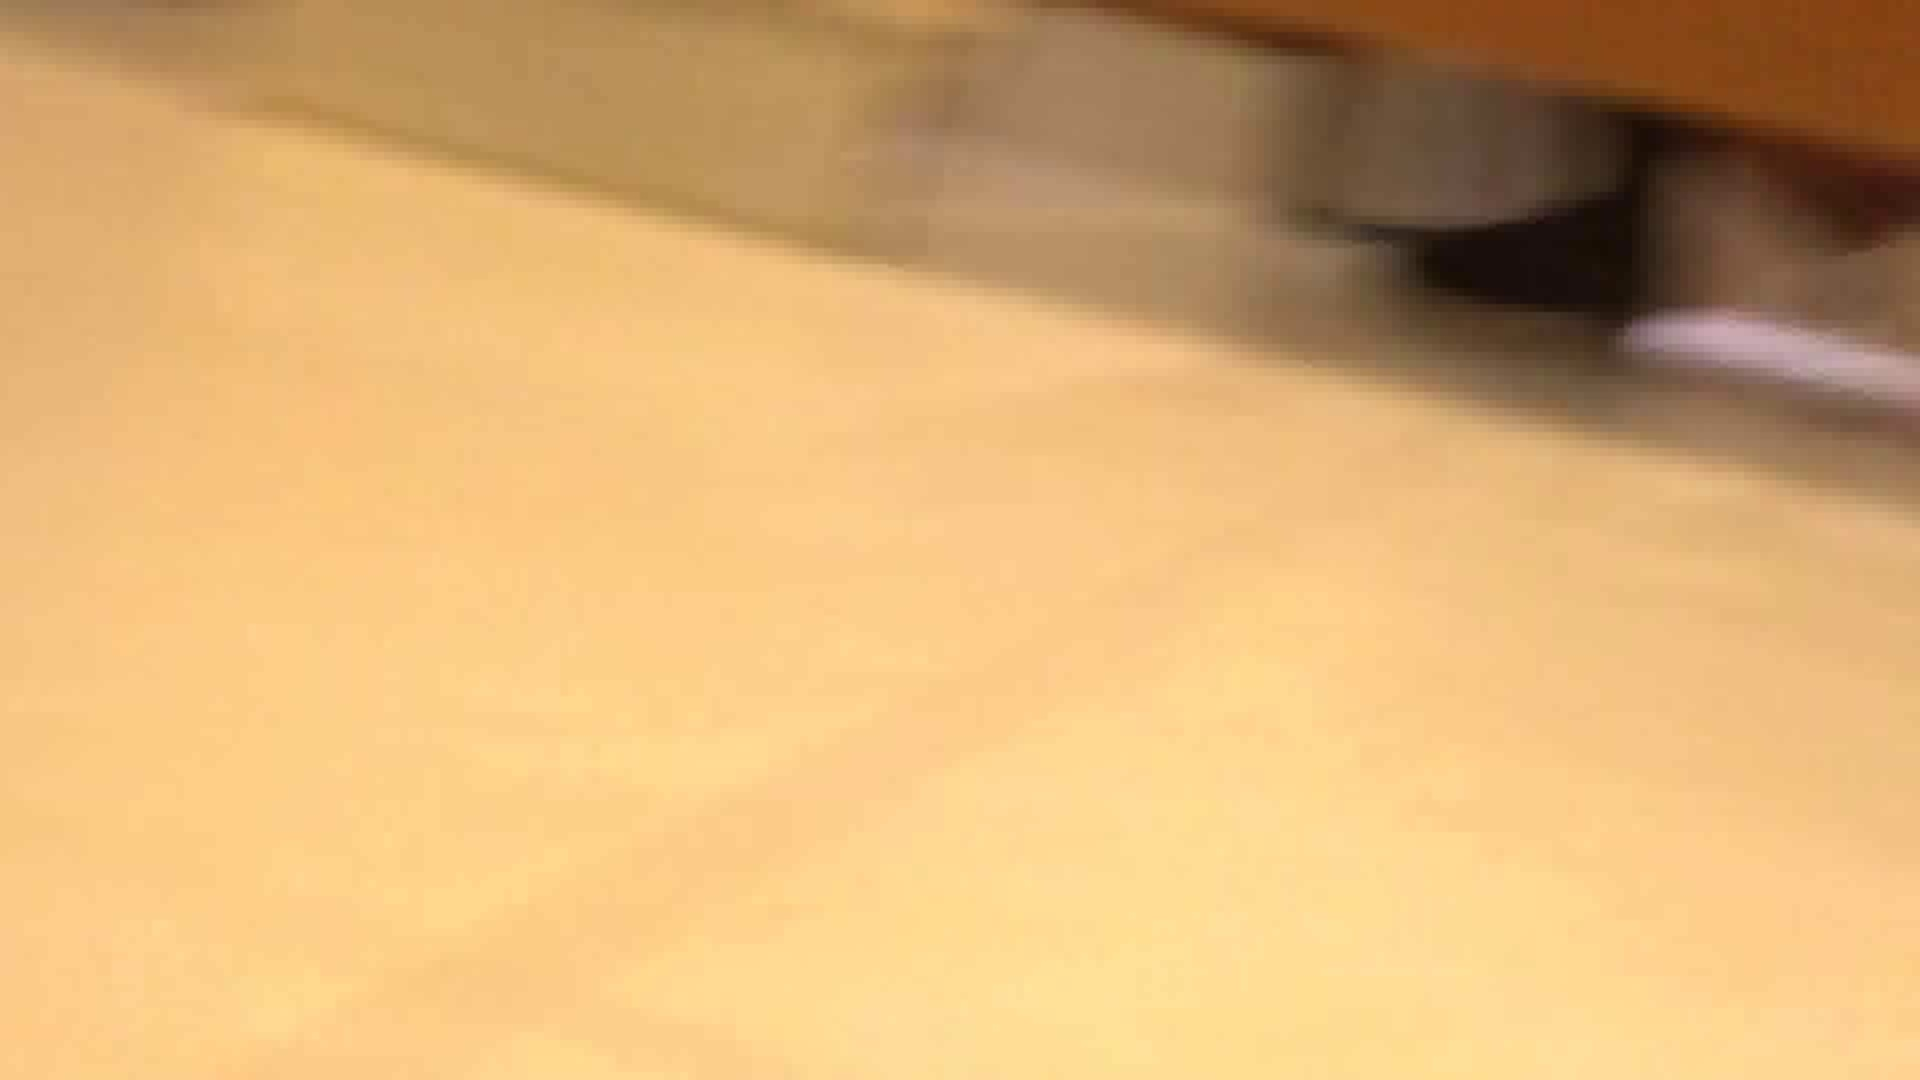 「噂」の国の厠観察日記2 Vol.02 厠 スケベ動画紹介 26連発 14